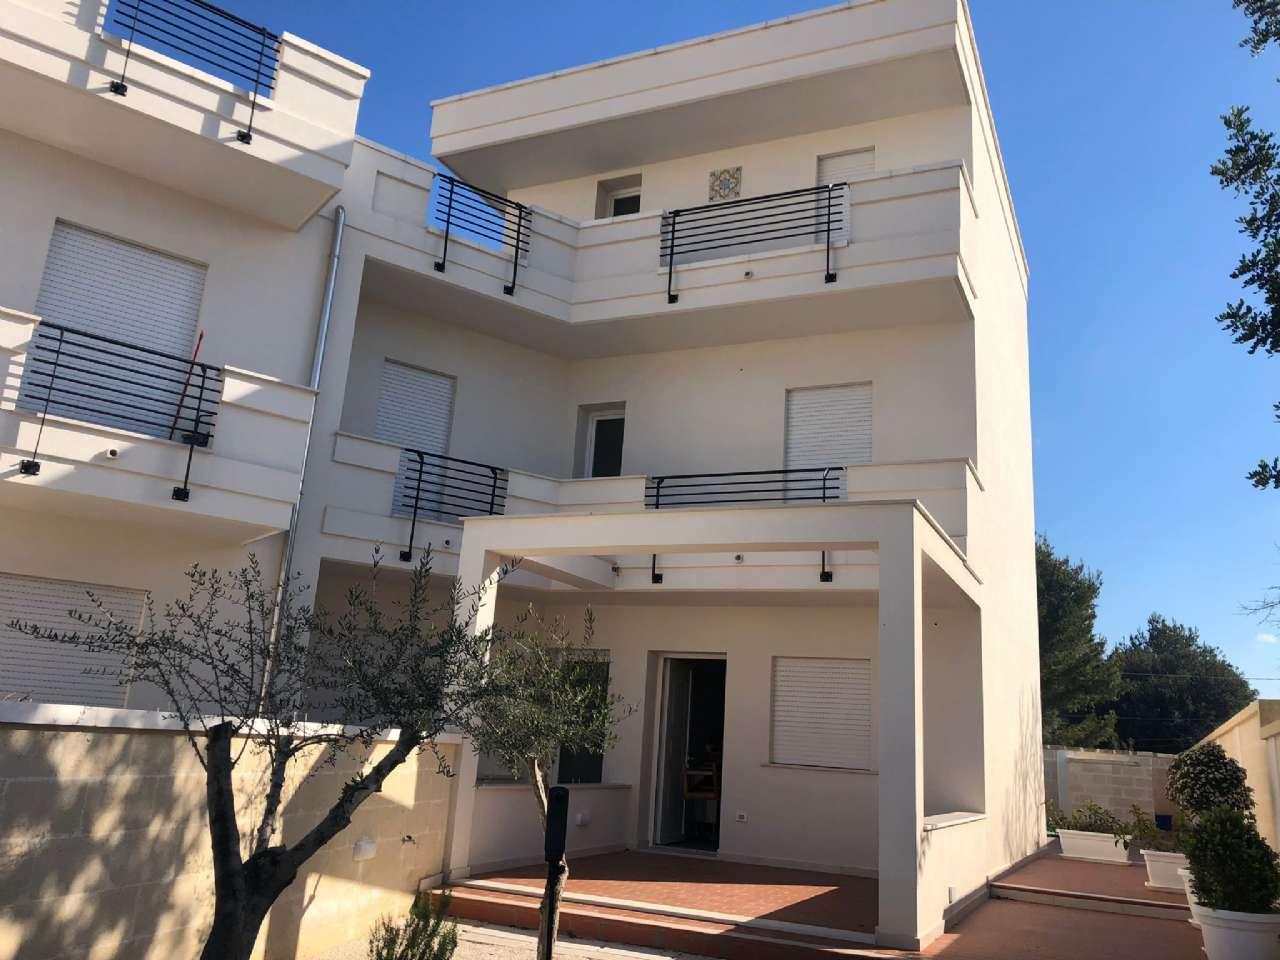 Casa indipendente, Via Giovanni Saracino, zona mare, Maruggio, foto 0